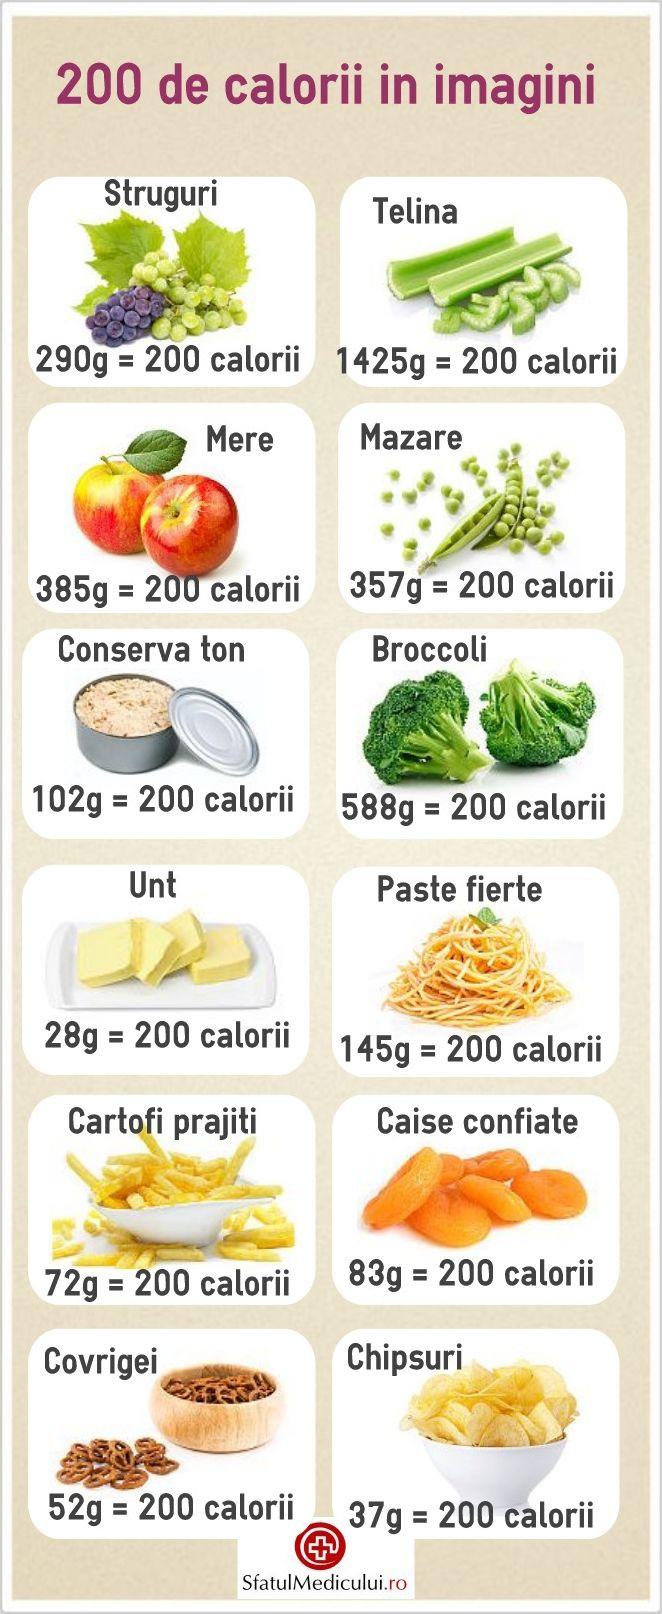 Se stie ca unele alimente au mai multe calorii decat altele, insa dupa ce afli ca o farfurie de broccoli are acelasi numar de calorii ca o lingurita de unt, perceptia asupra alegerilor alimentare se poate schimba. http://www.sfatulmedicului.ro/Educatie-pentru-sanatate/gustari-sanatoase-cu-mai-putin-de-200-de-calorii_11244